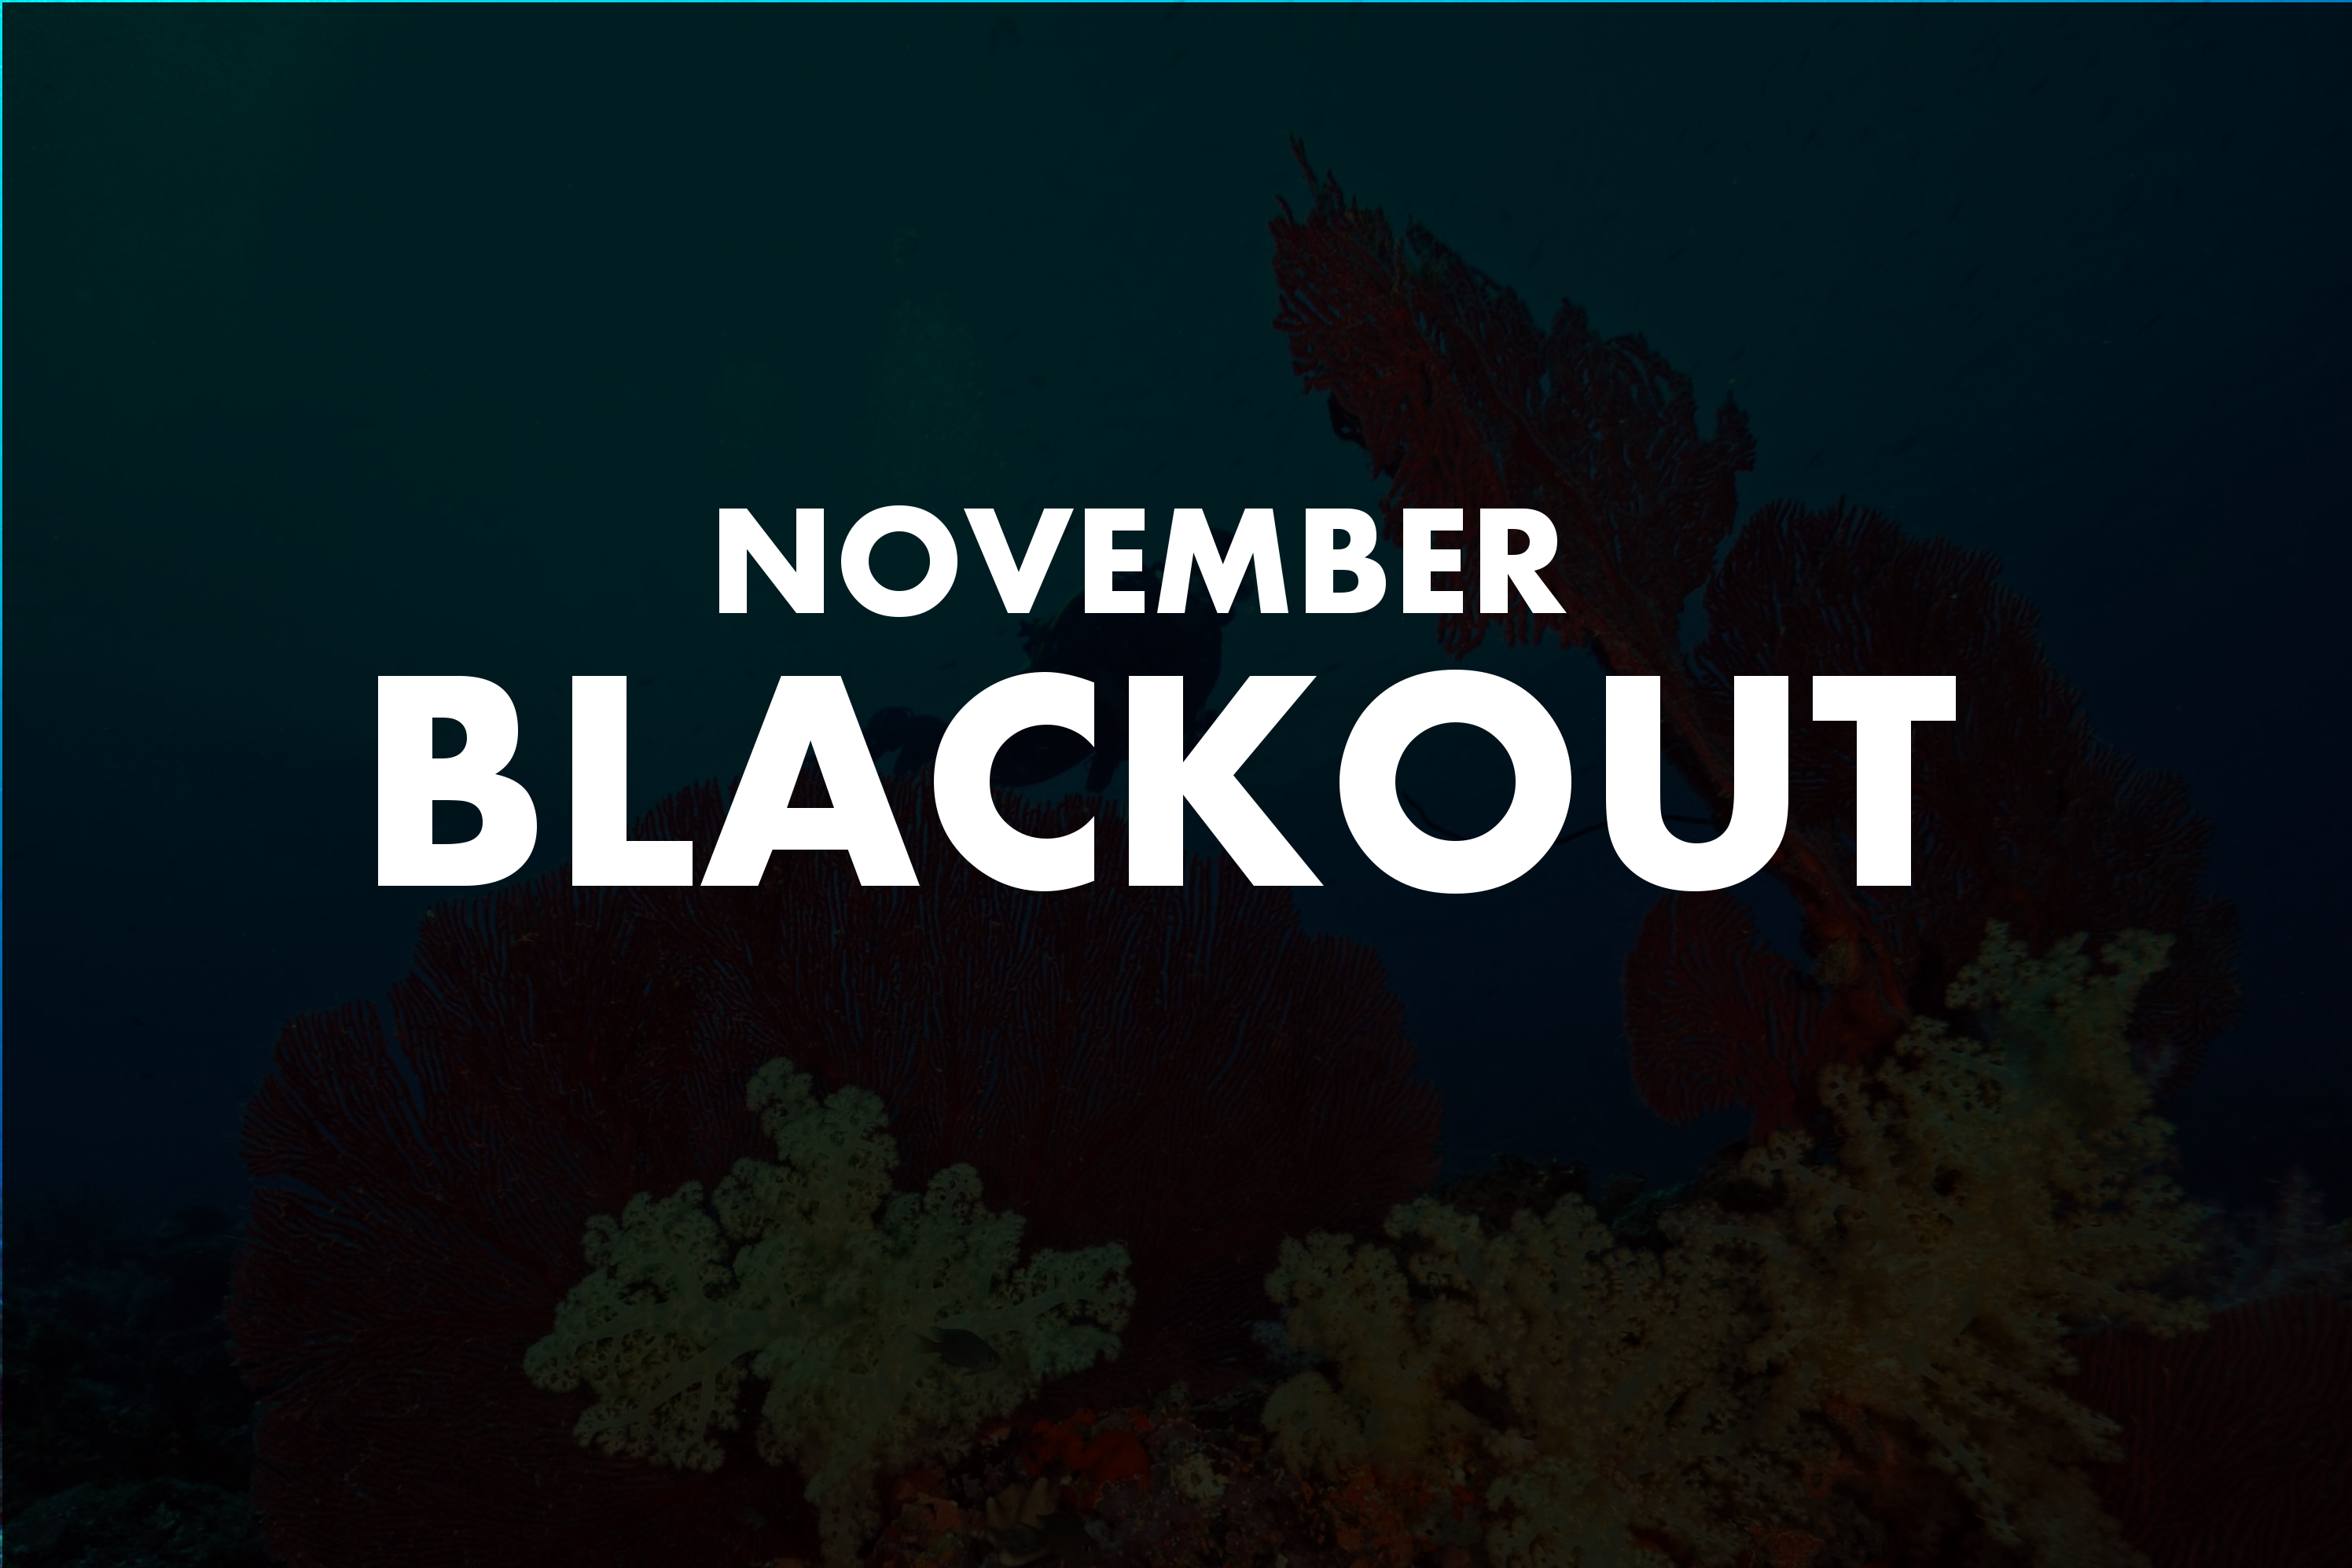 blackoutnovember